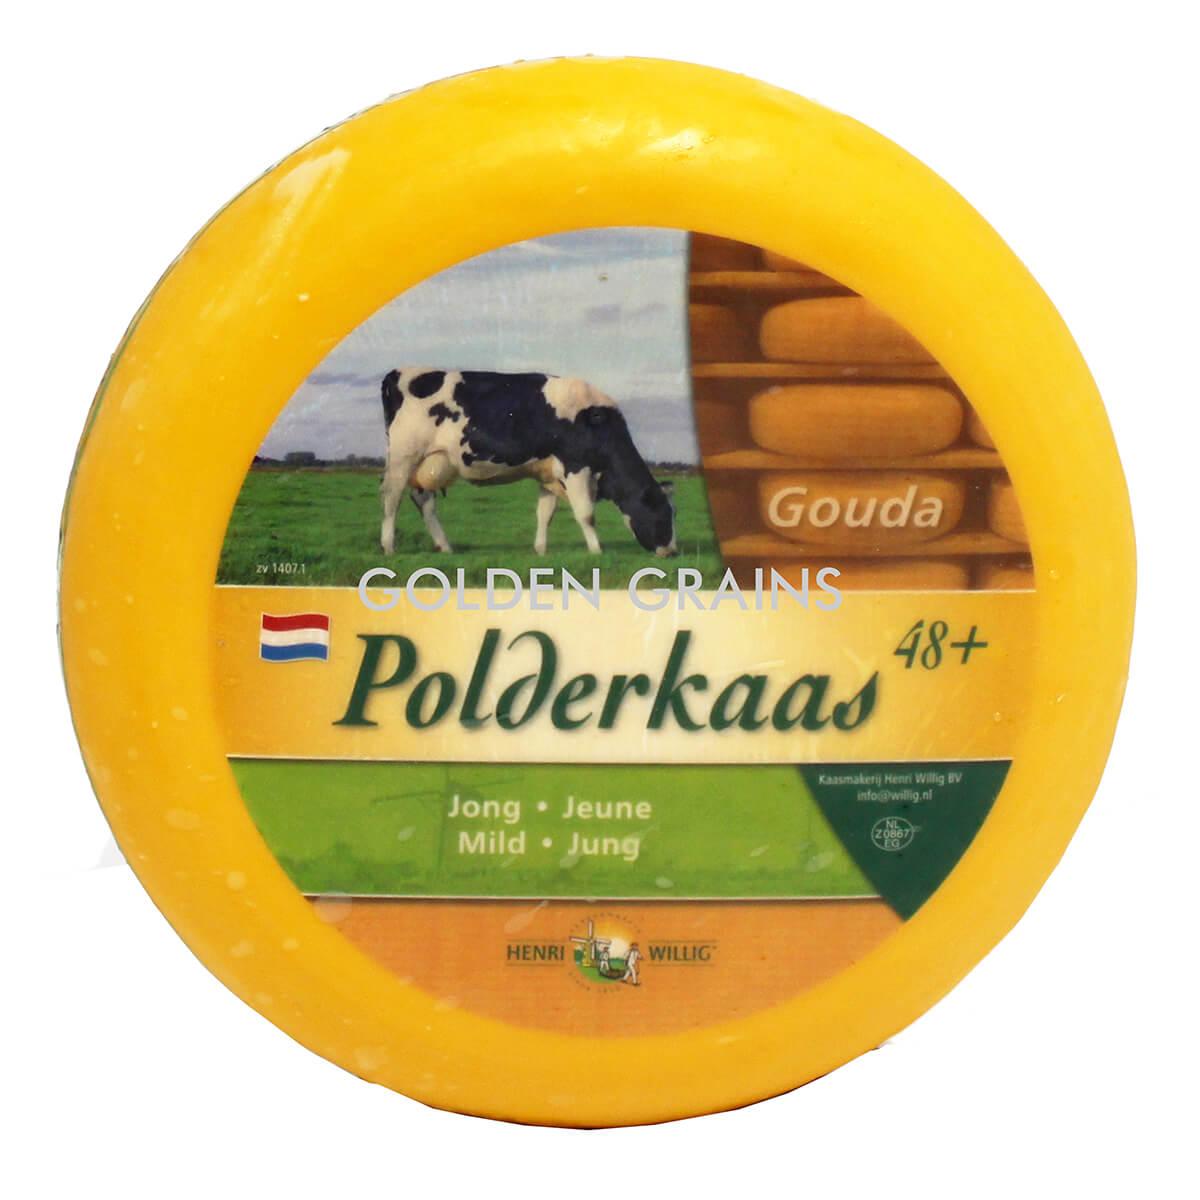 Golden Grains Dubai Export - Polderkaas - Front.jpg